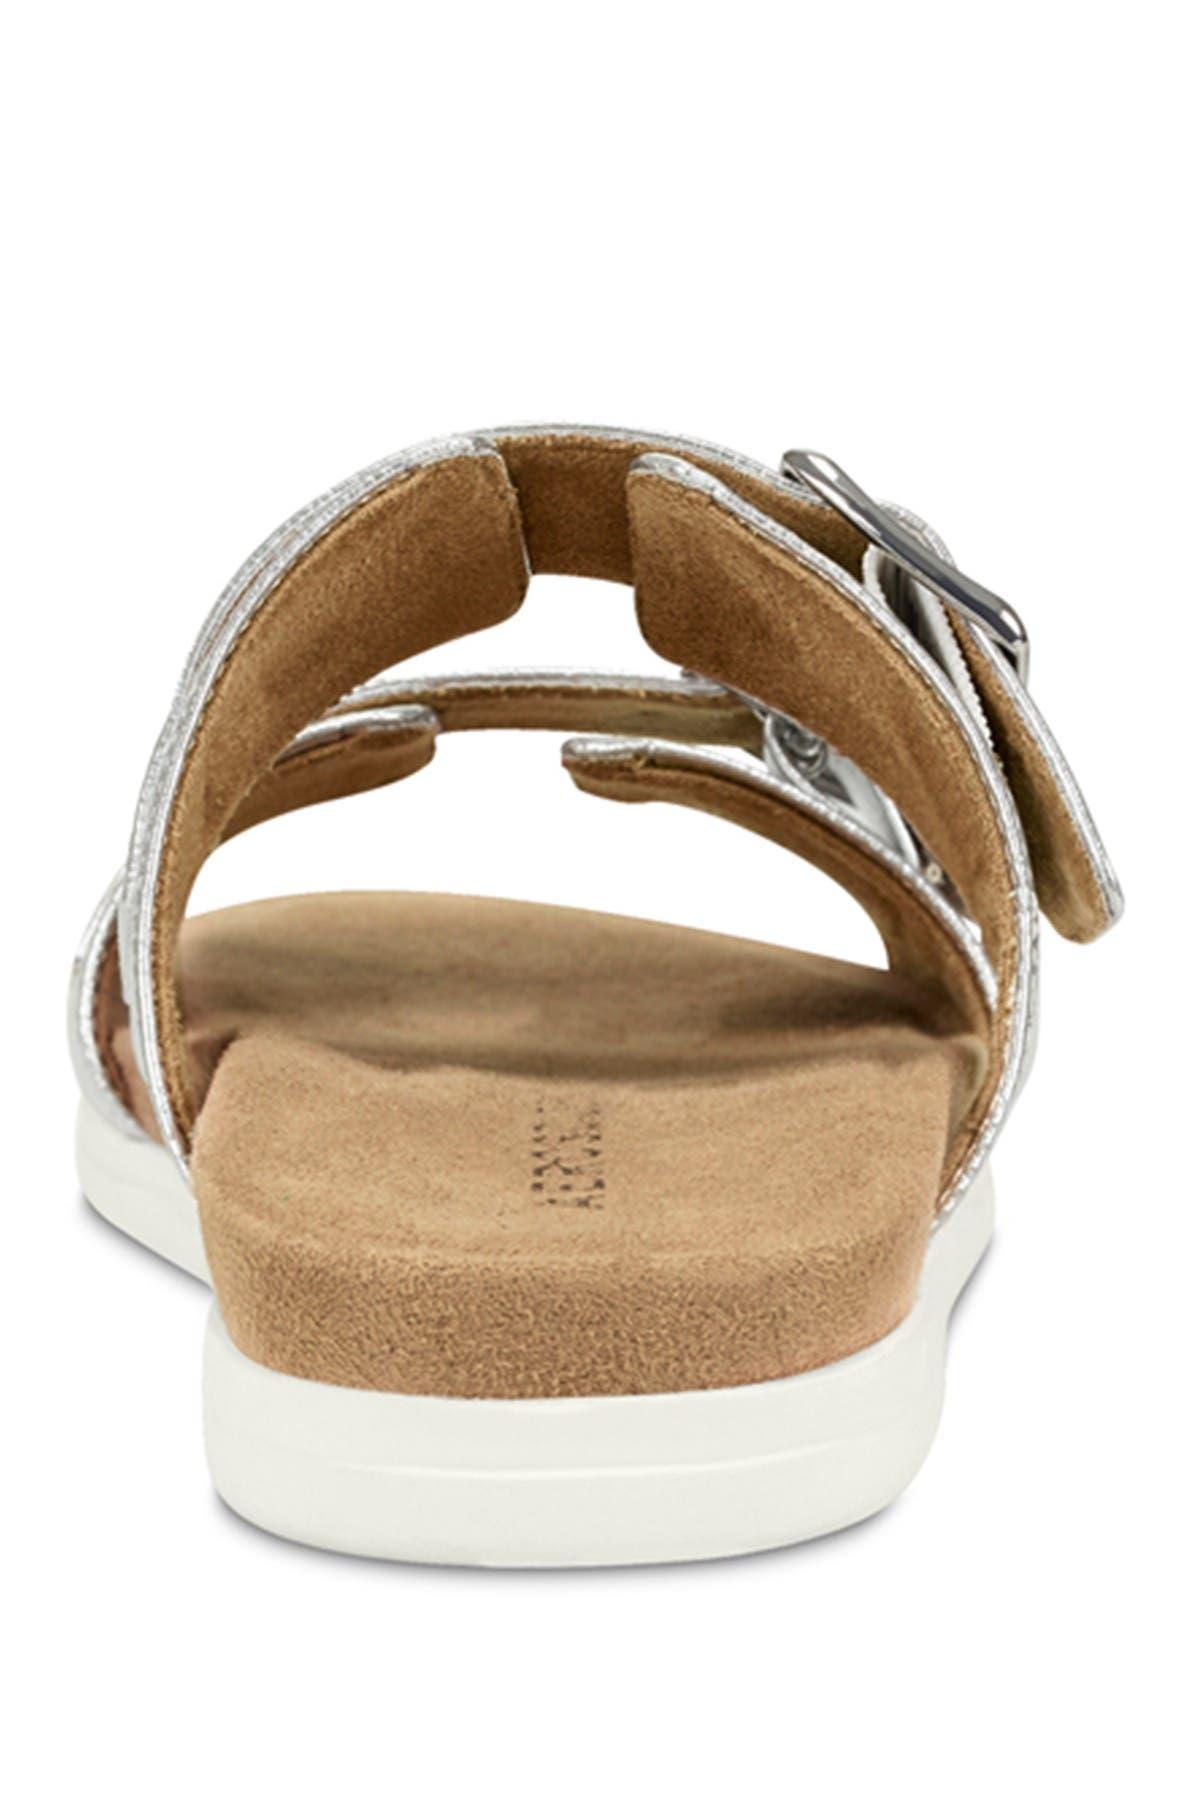 Image of Aerosoles Hamden Buckled Footbed Sandal